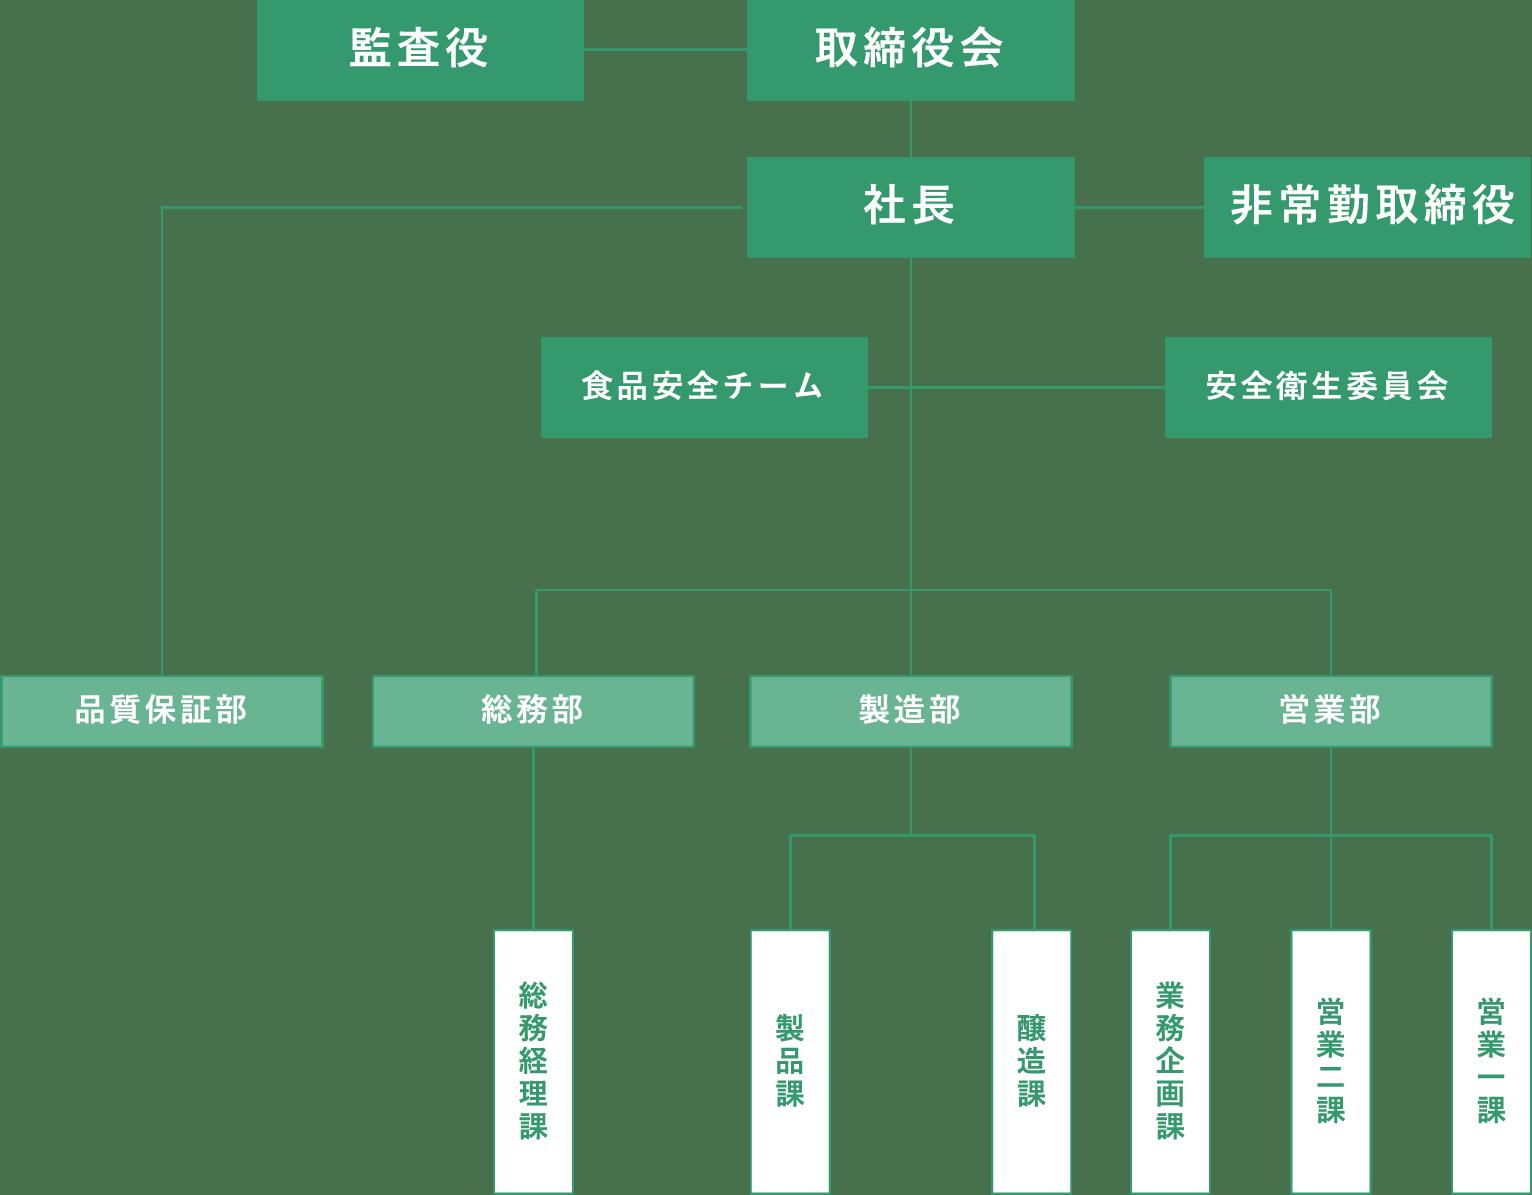 モンデ酒造株式会社 組織図